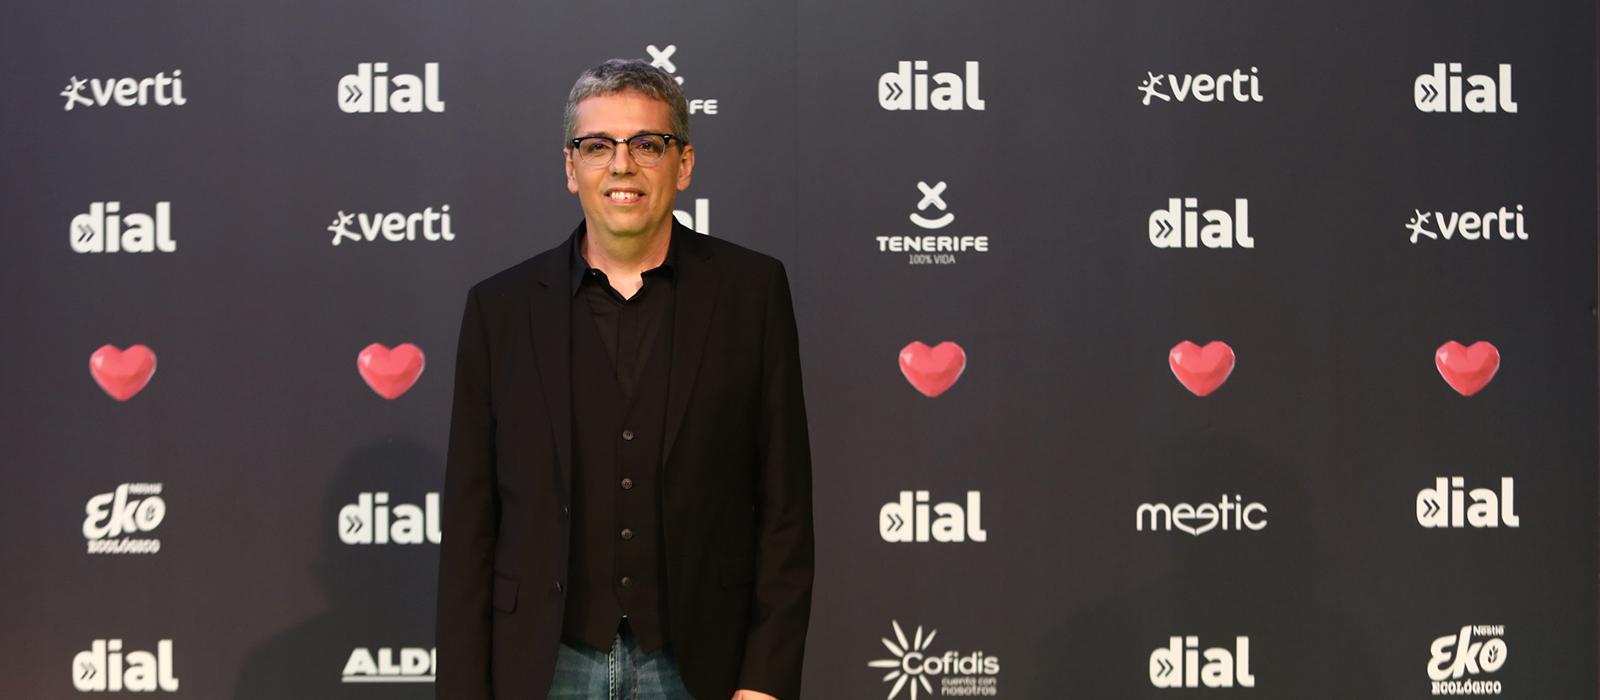 Pedro Guerra ovacionado en los 'Premios Dial'